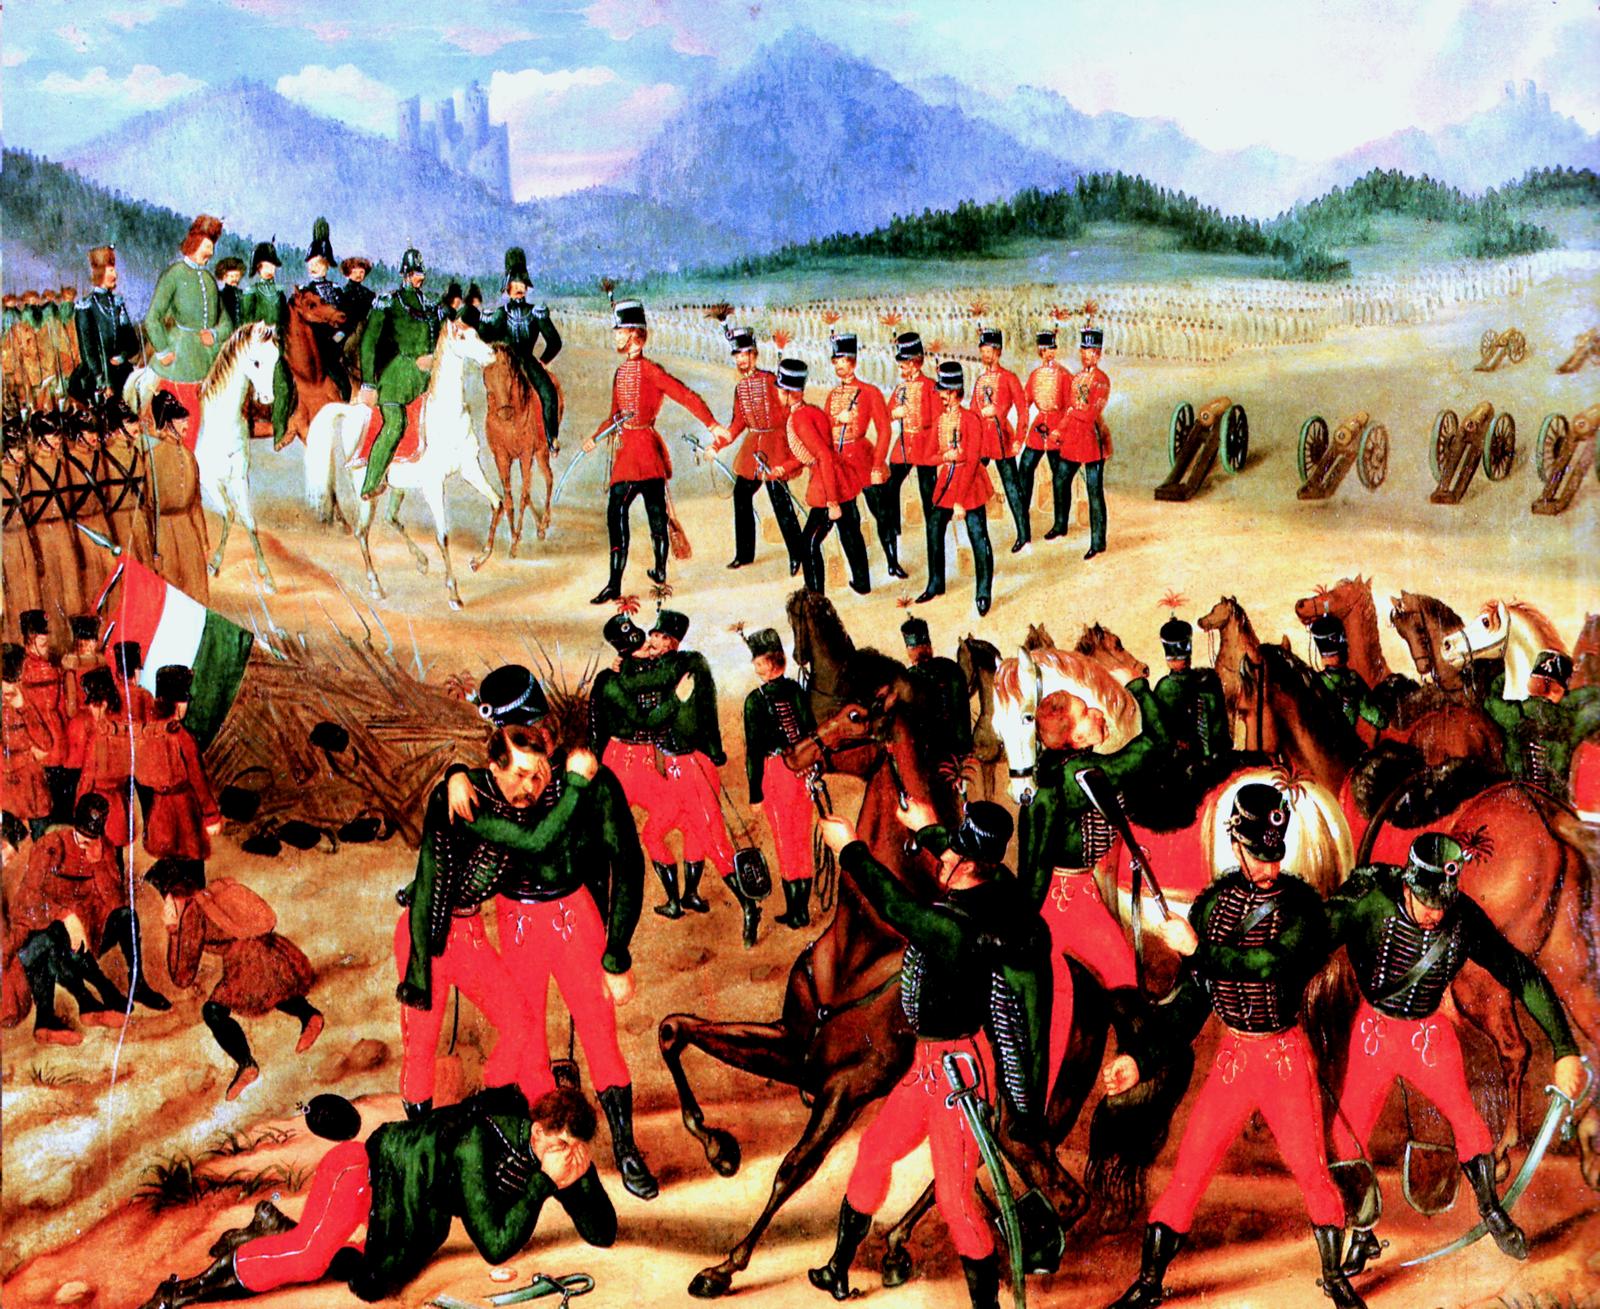 Kapitulacja armii węgierskiej pod Világos w1849 roku Źródło: István Szkicsák-Klinovszky, Kapitulacja armii węgierskiej pod Világos w1849 roku, 1850, domena publiczna.